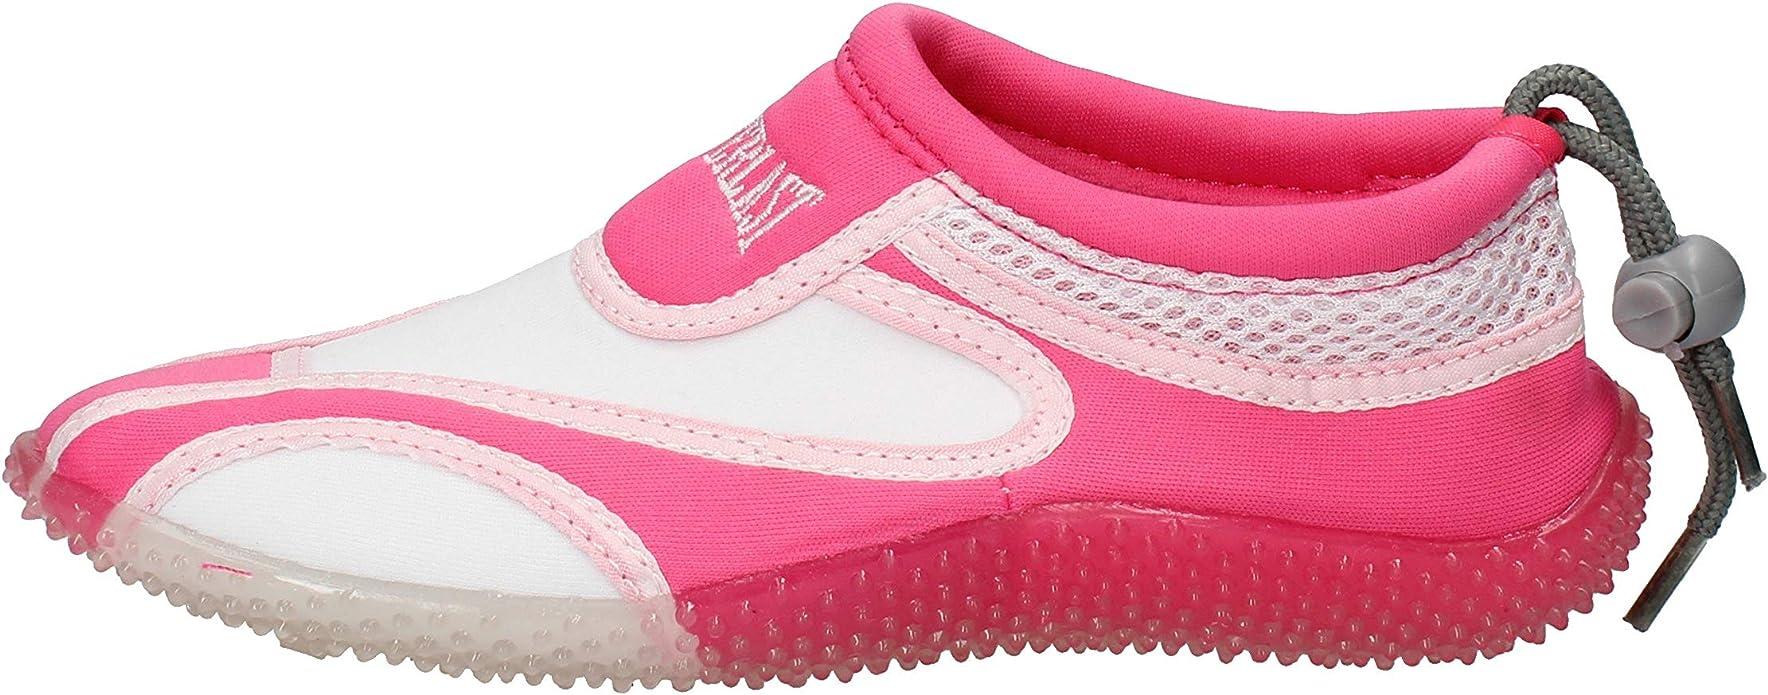 EVERLAST Sneakers Niñas Textil Blanco: Amazon.es: Zapatos y complementos